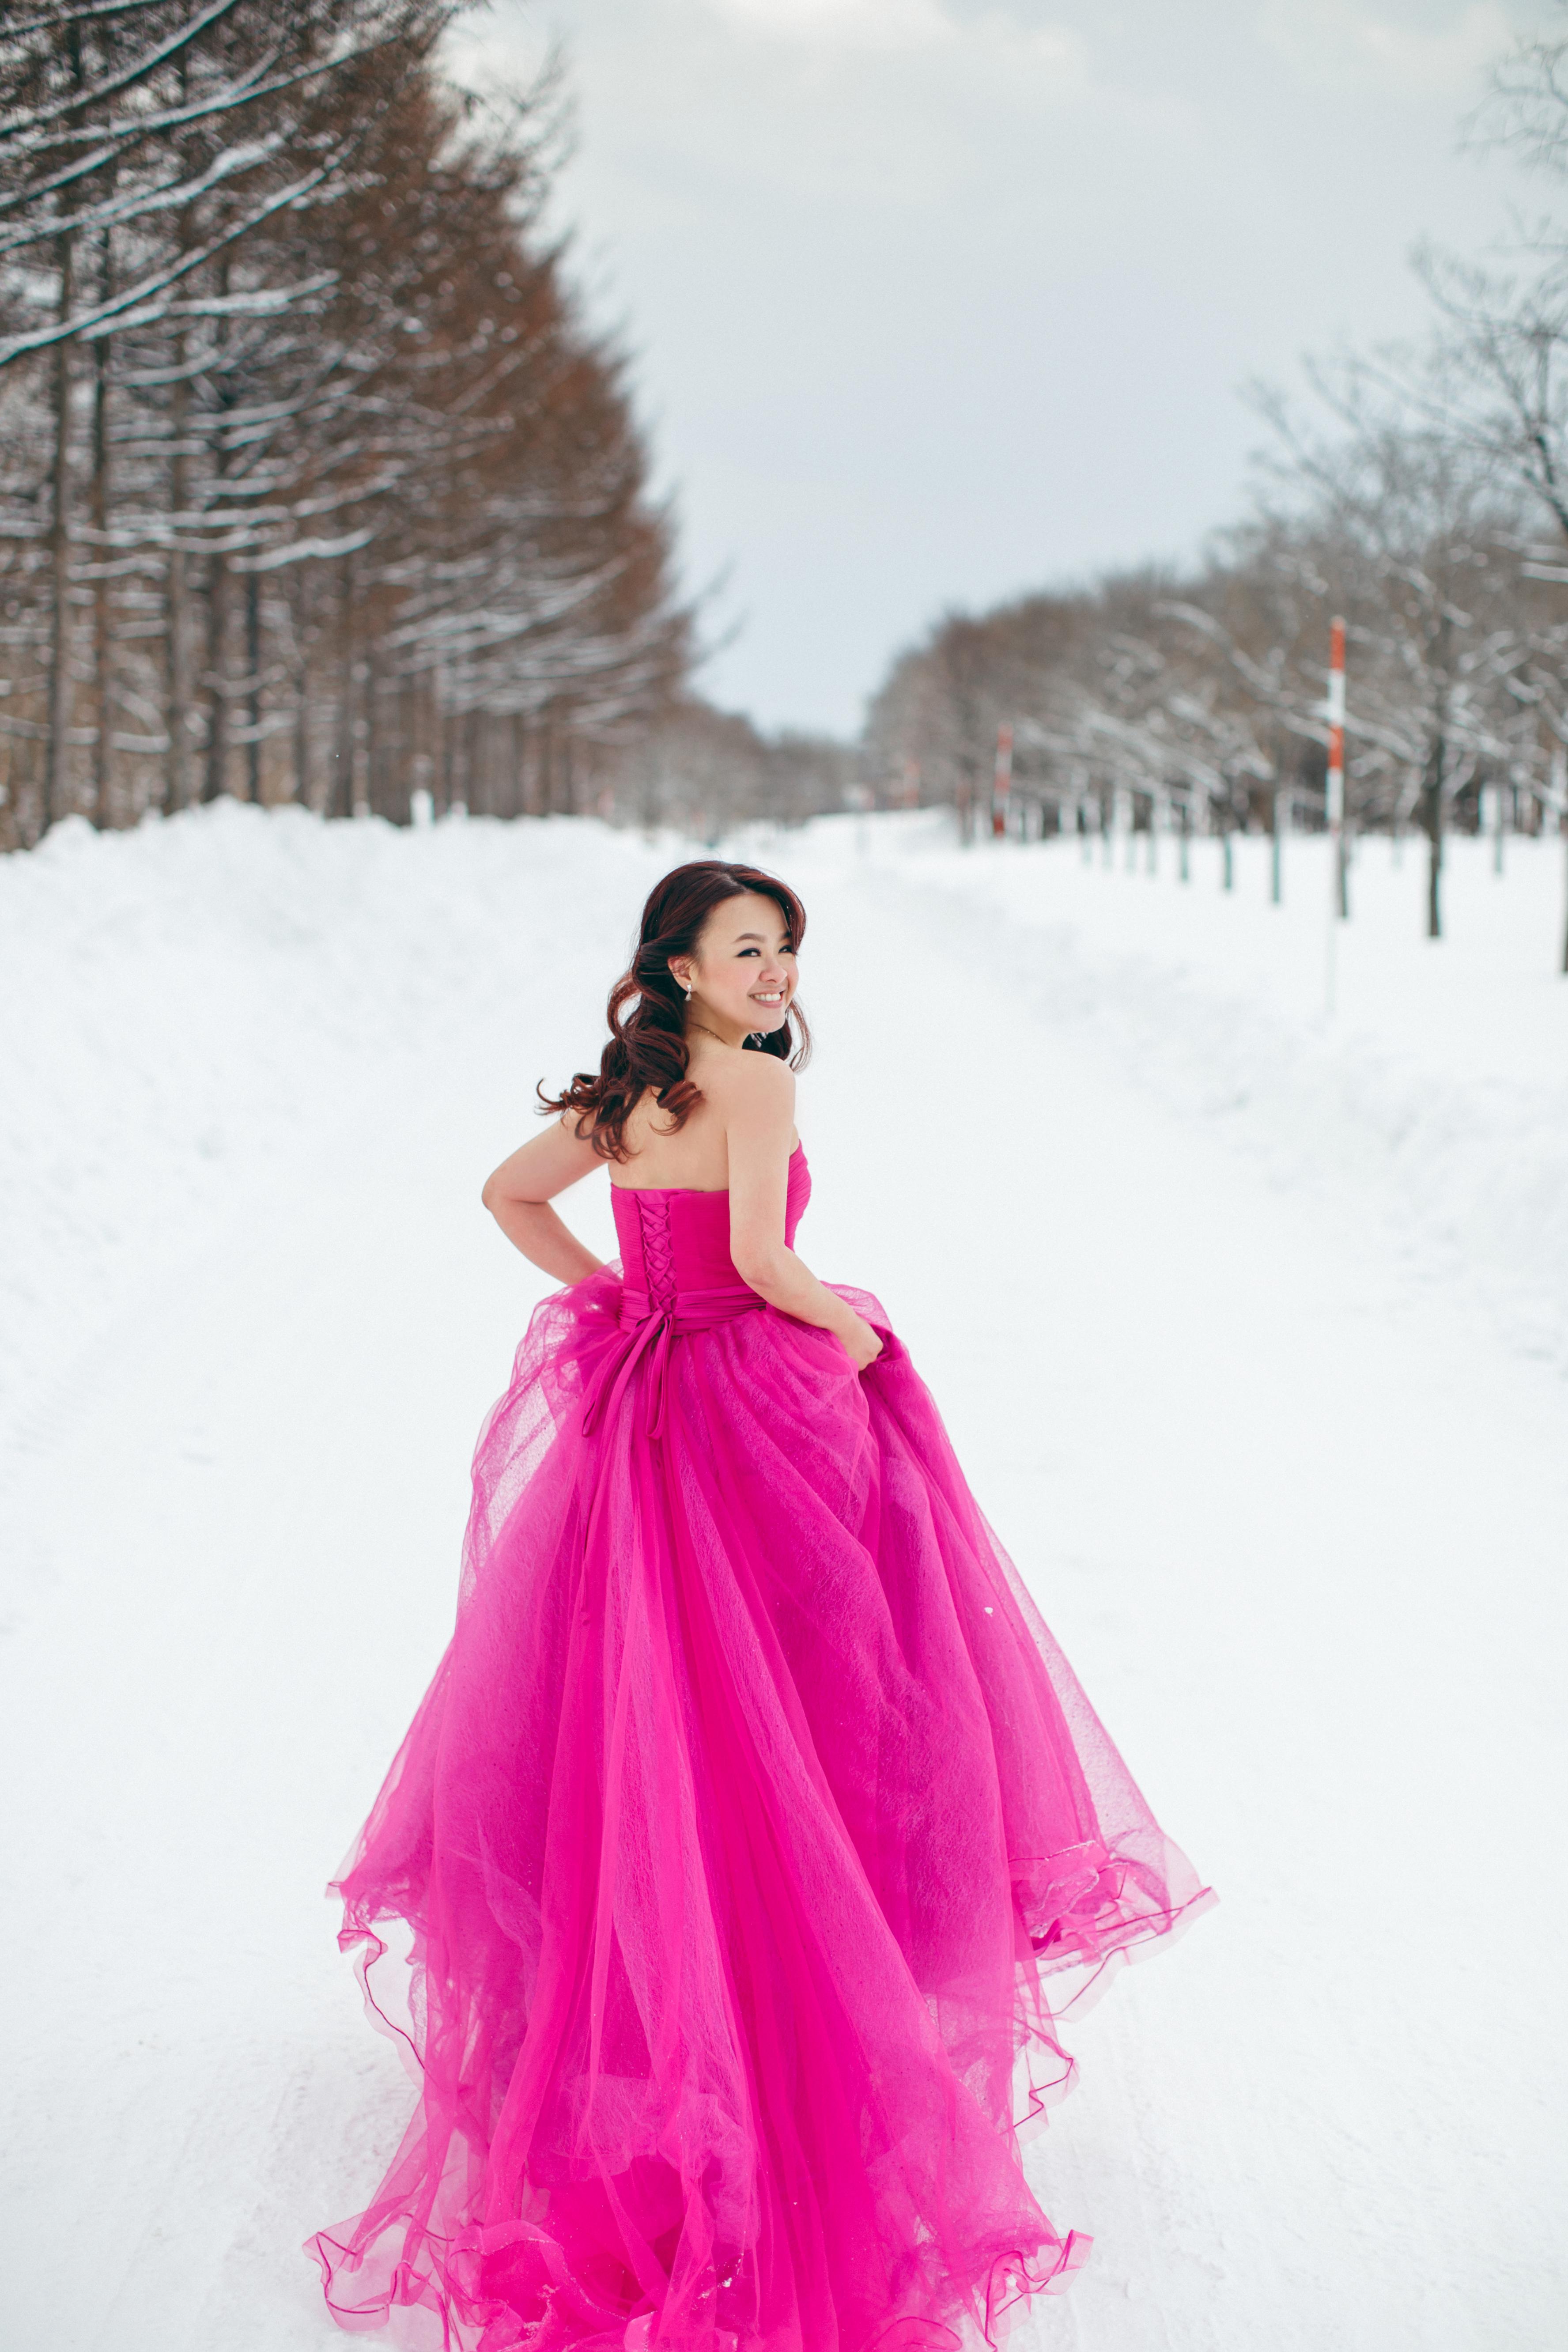 Inzpire Hot Pink Ballgown Gown